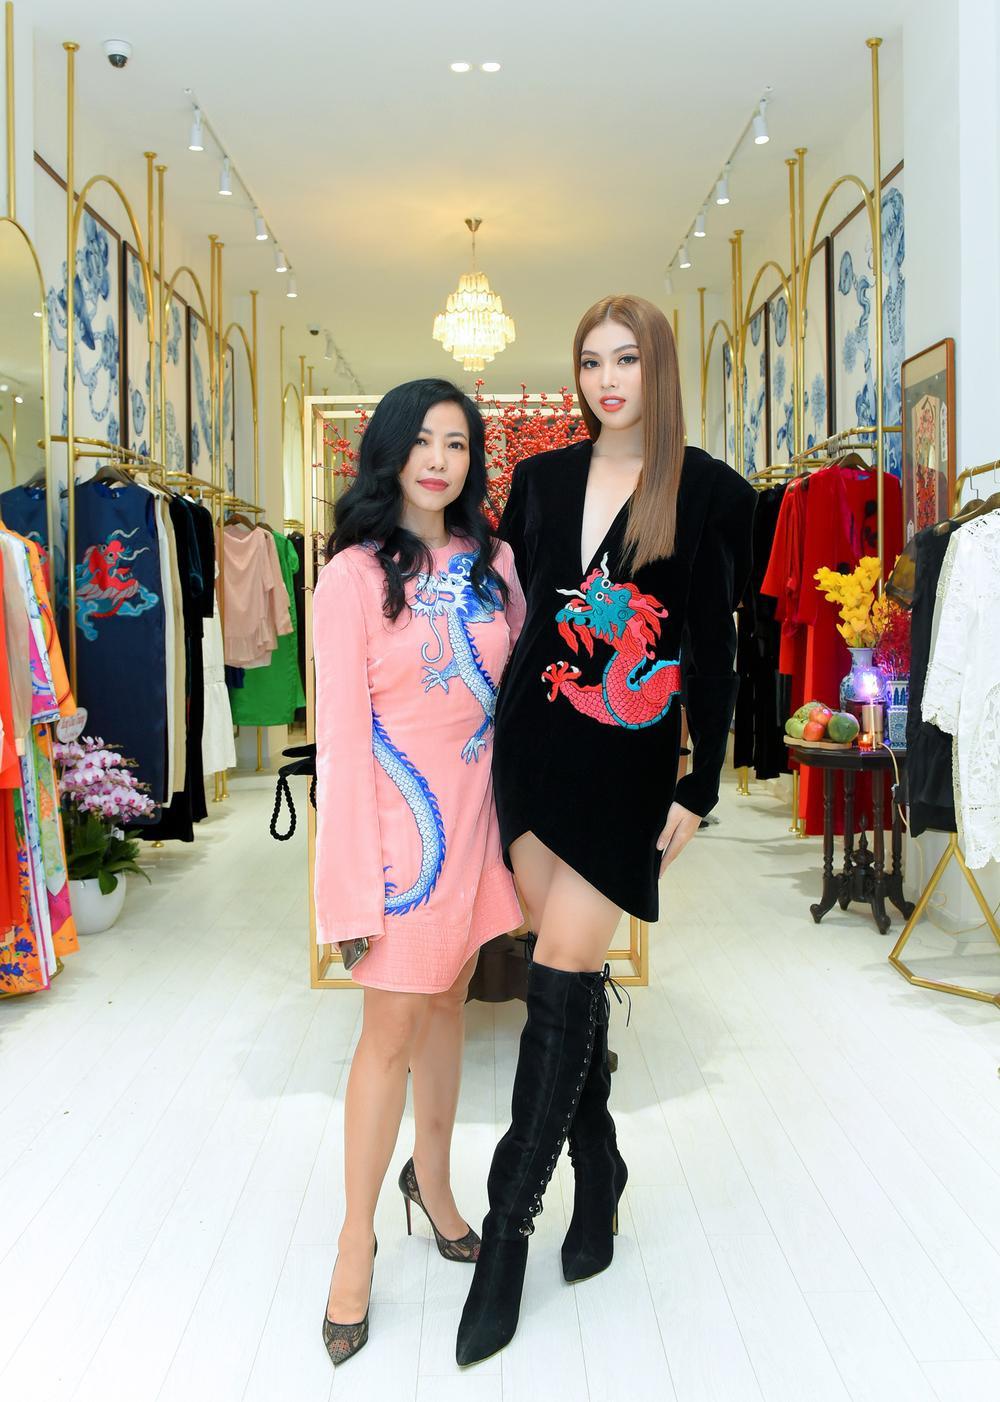 Hoa hậu Phương Khánh, Á hậu Ngọc Thảo duyên dáng với váy áo âm hưởng dân gian Ảnh 8